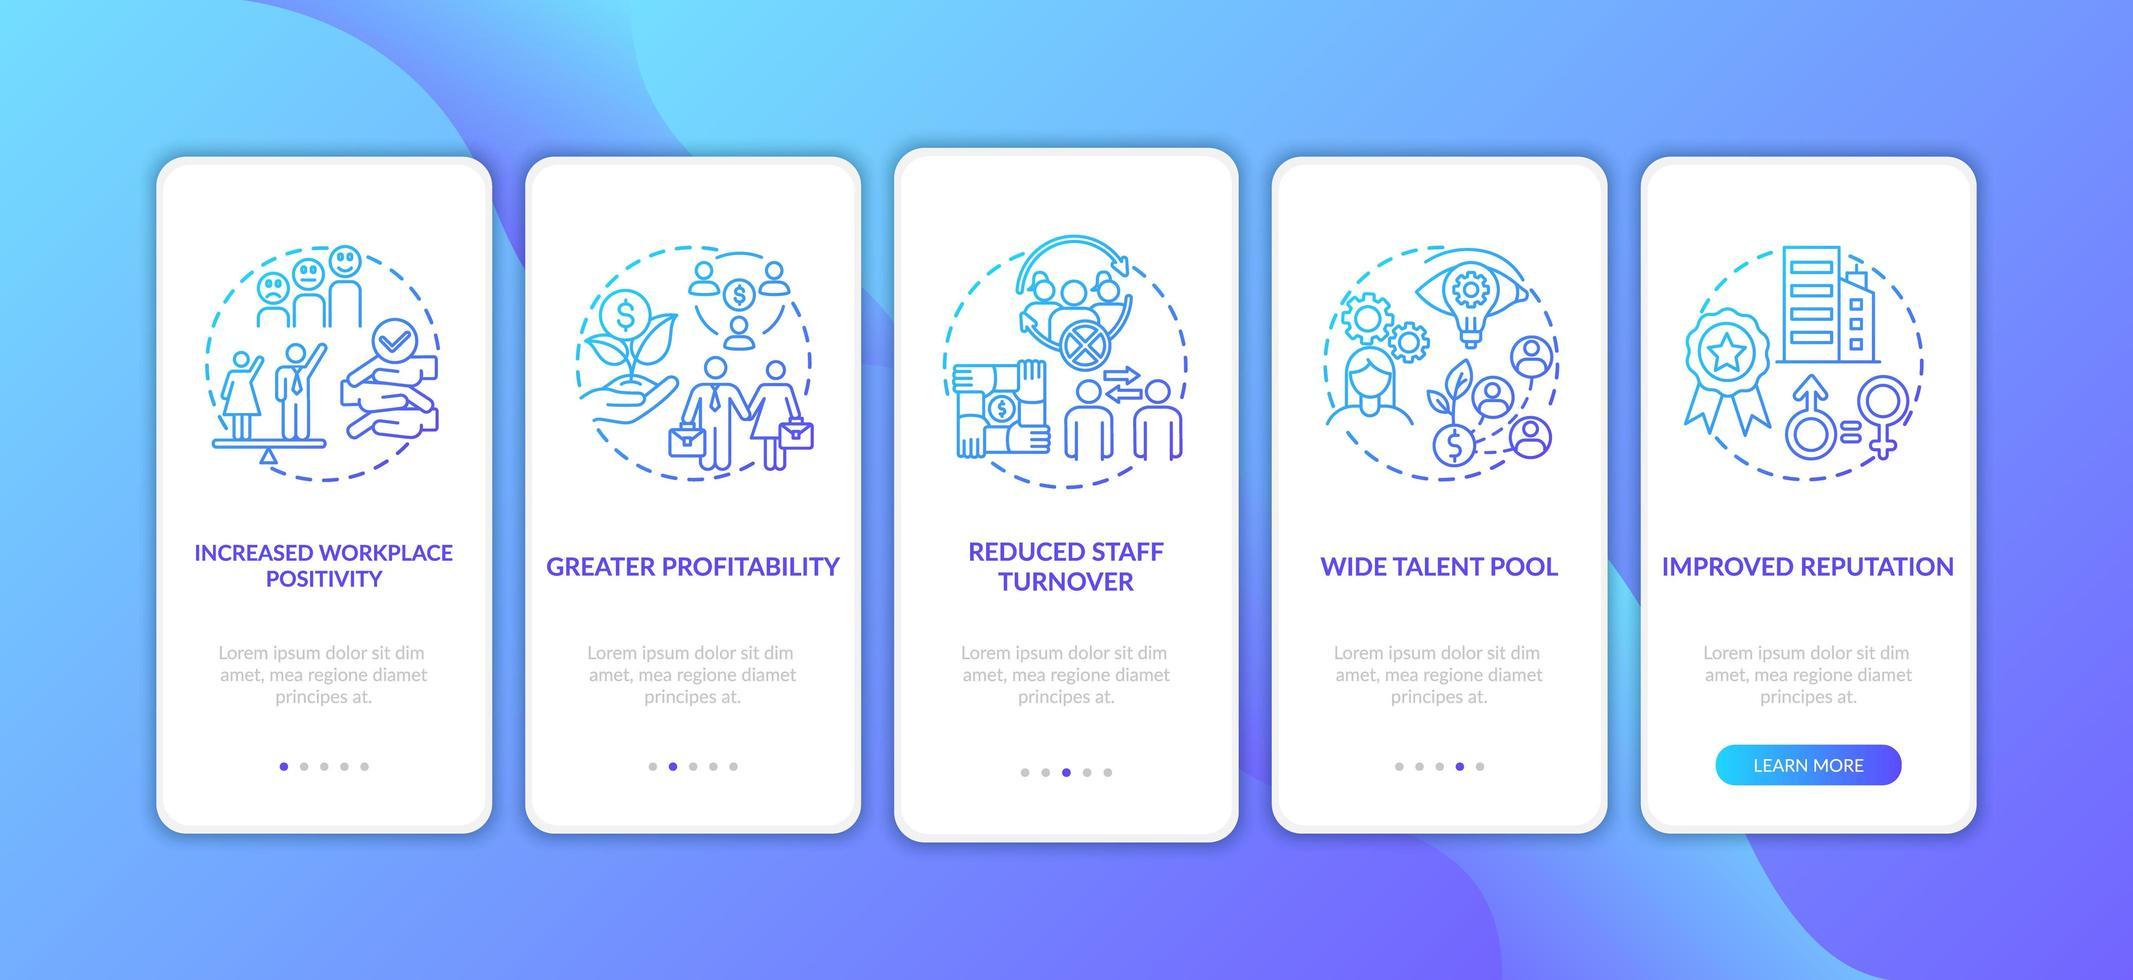 Avantages de la politique de diversité de genre Écran de la page de l'application mobile d'intégration avec des concepts vecteur